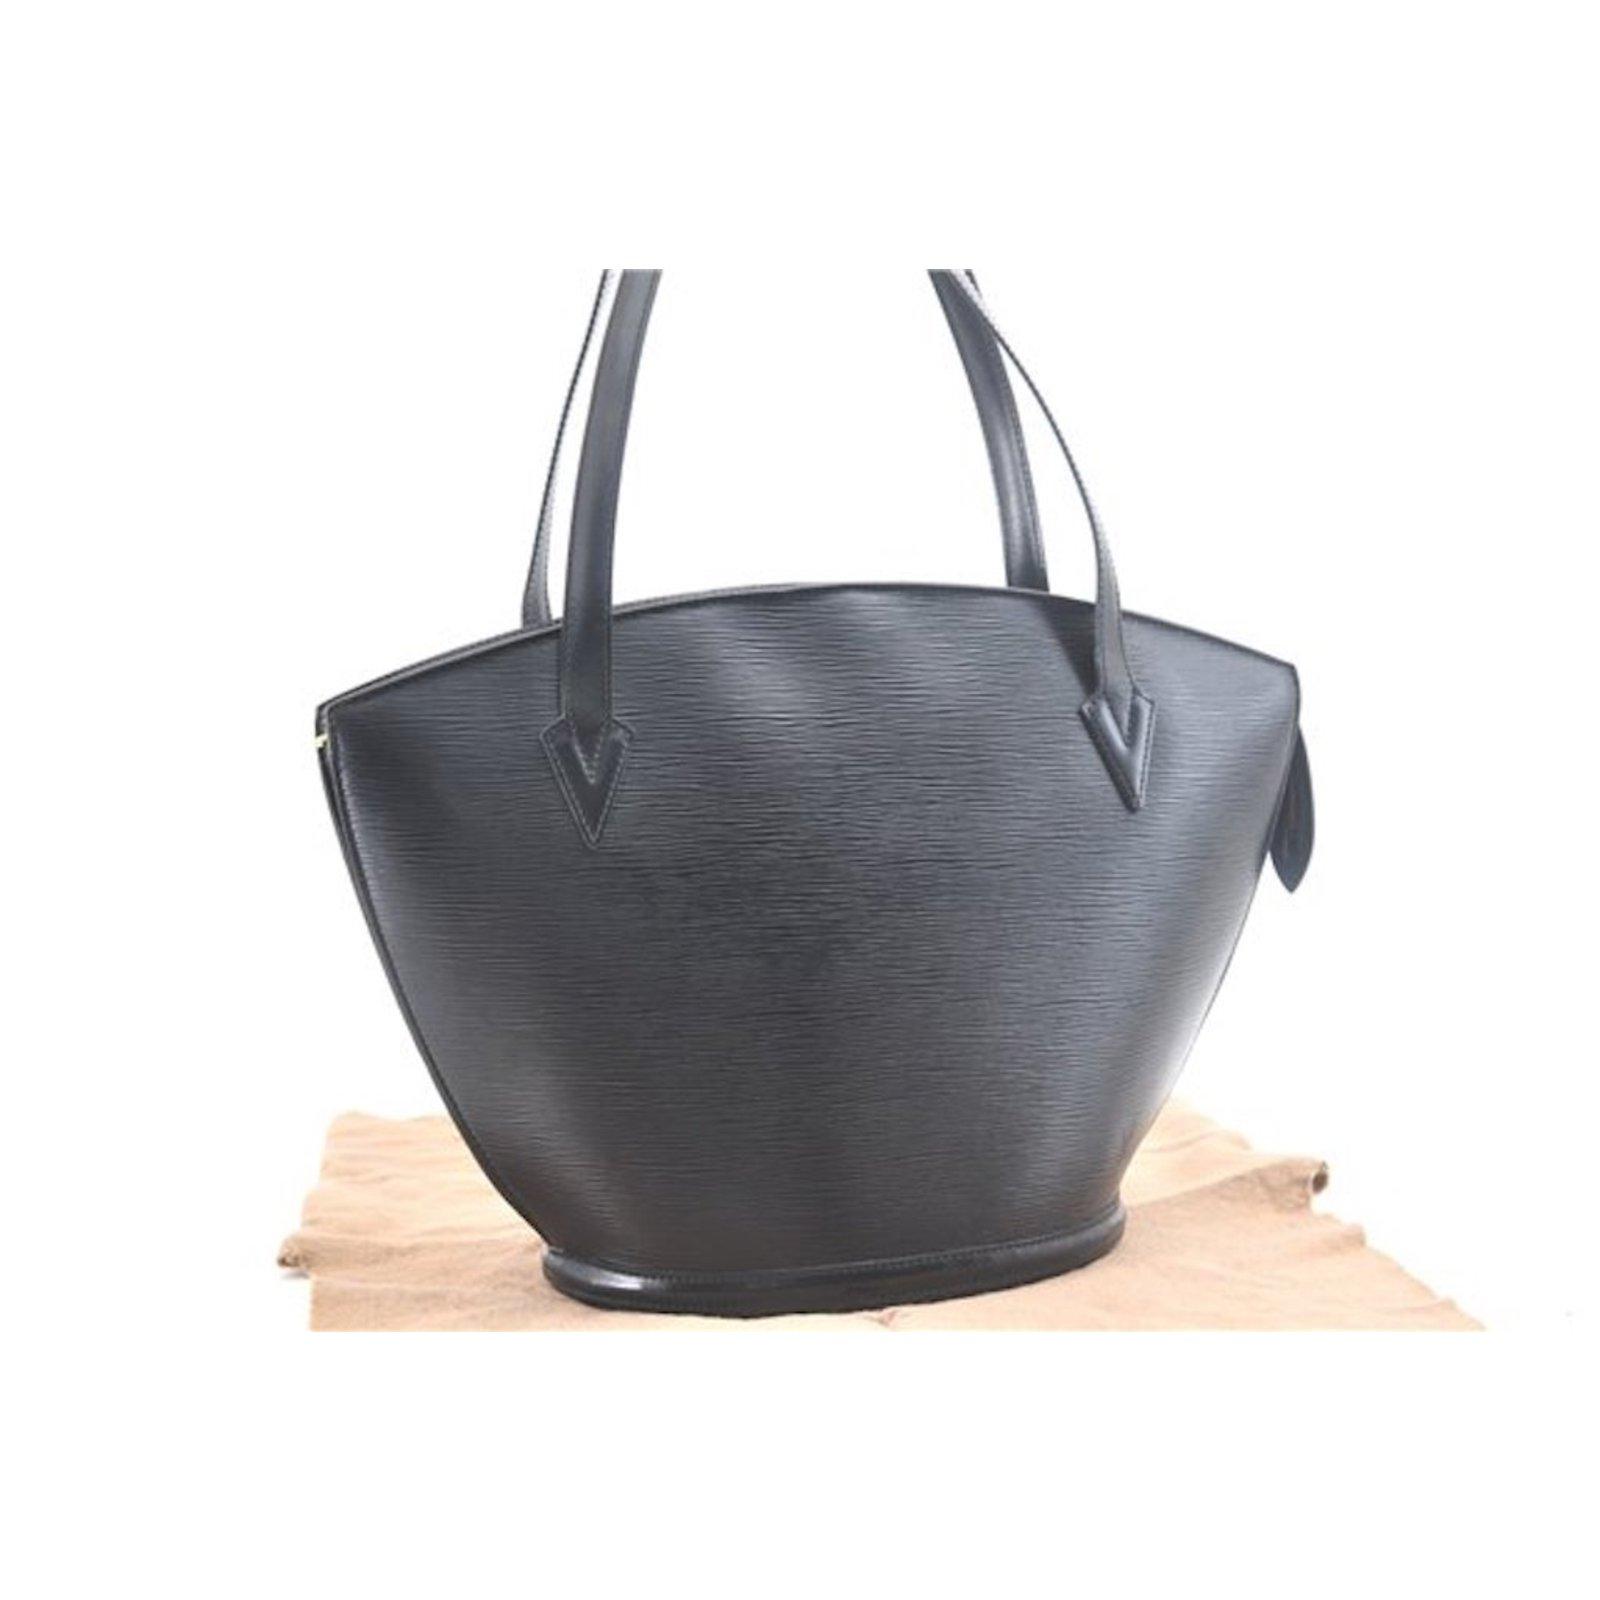 9f355a127131 Louis Vuitton Louis Vuitton Saint Jacques GM black Handbags Leather Black  ref.86942